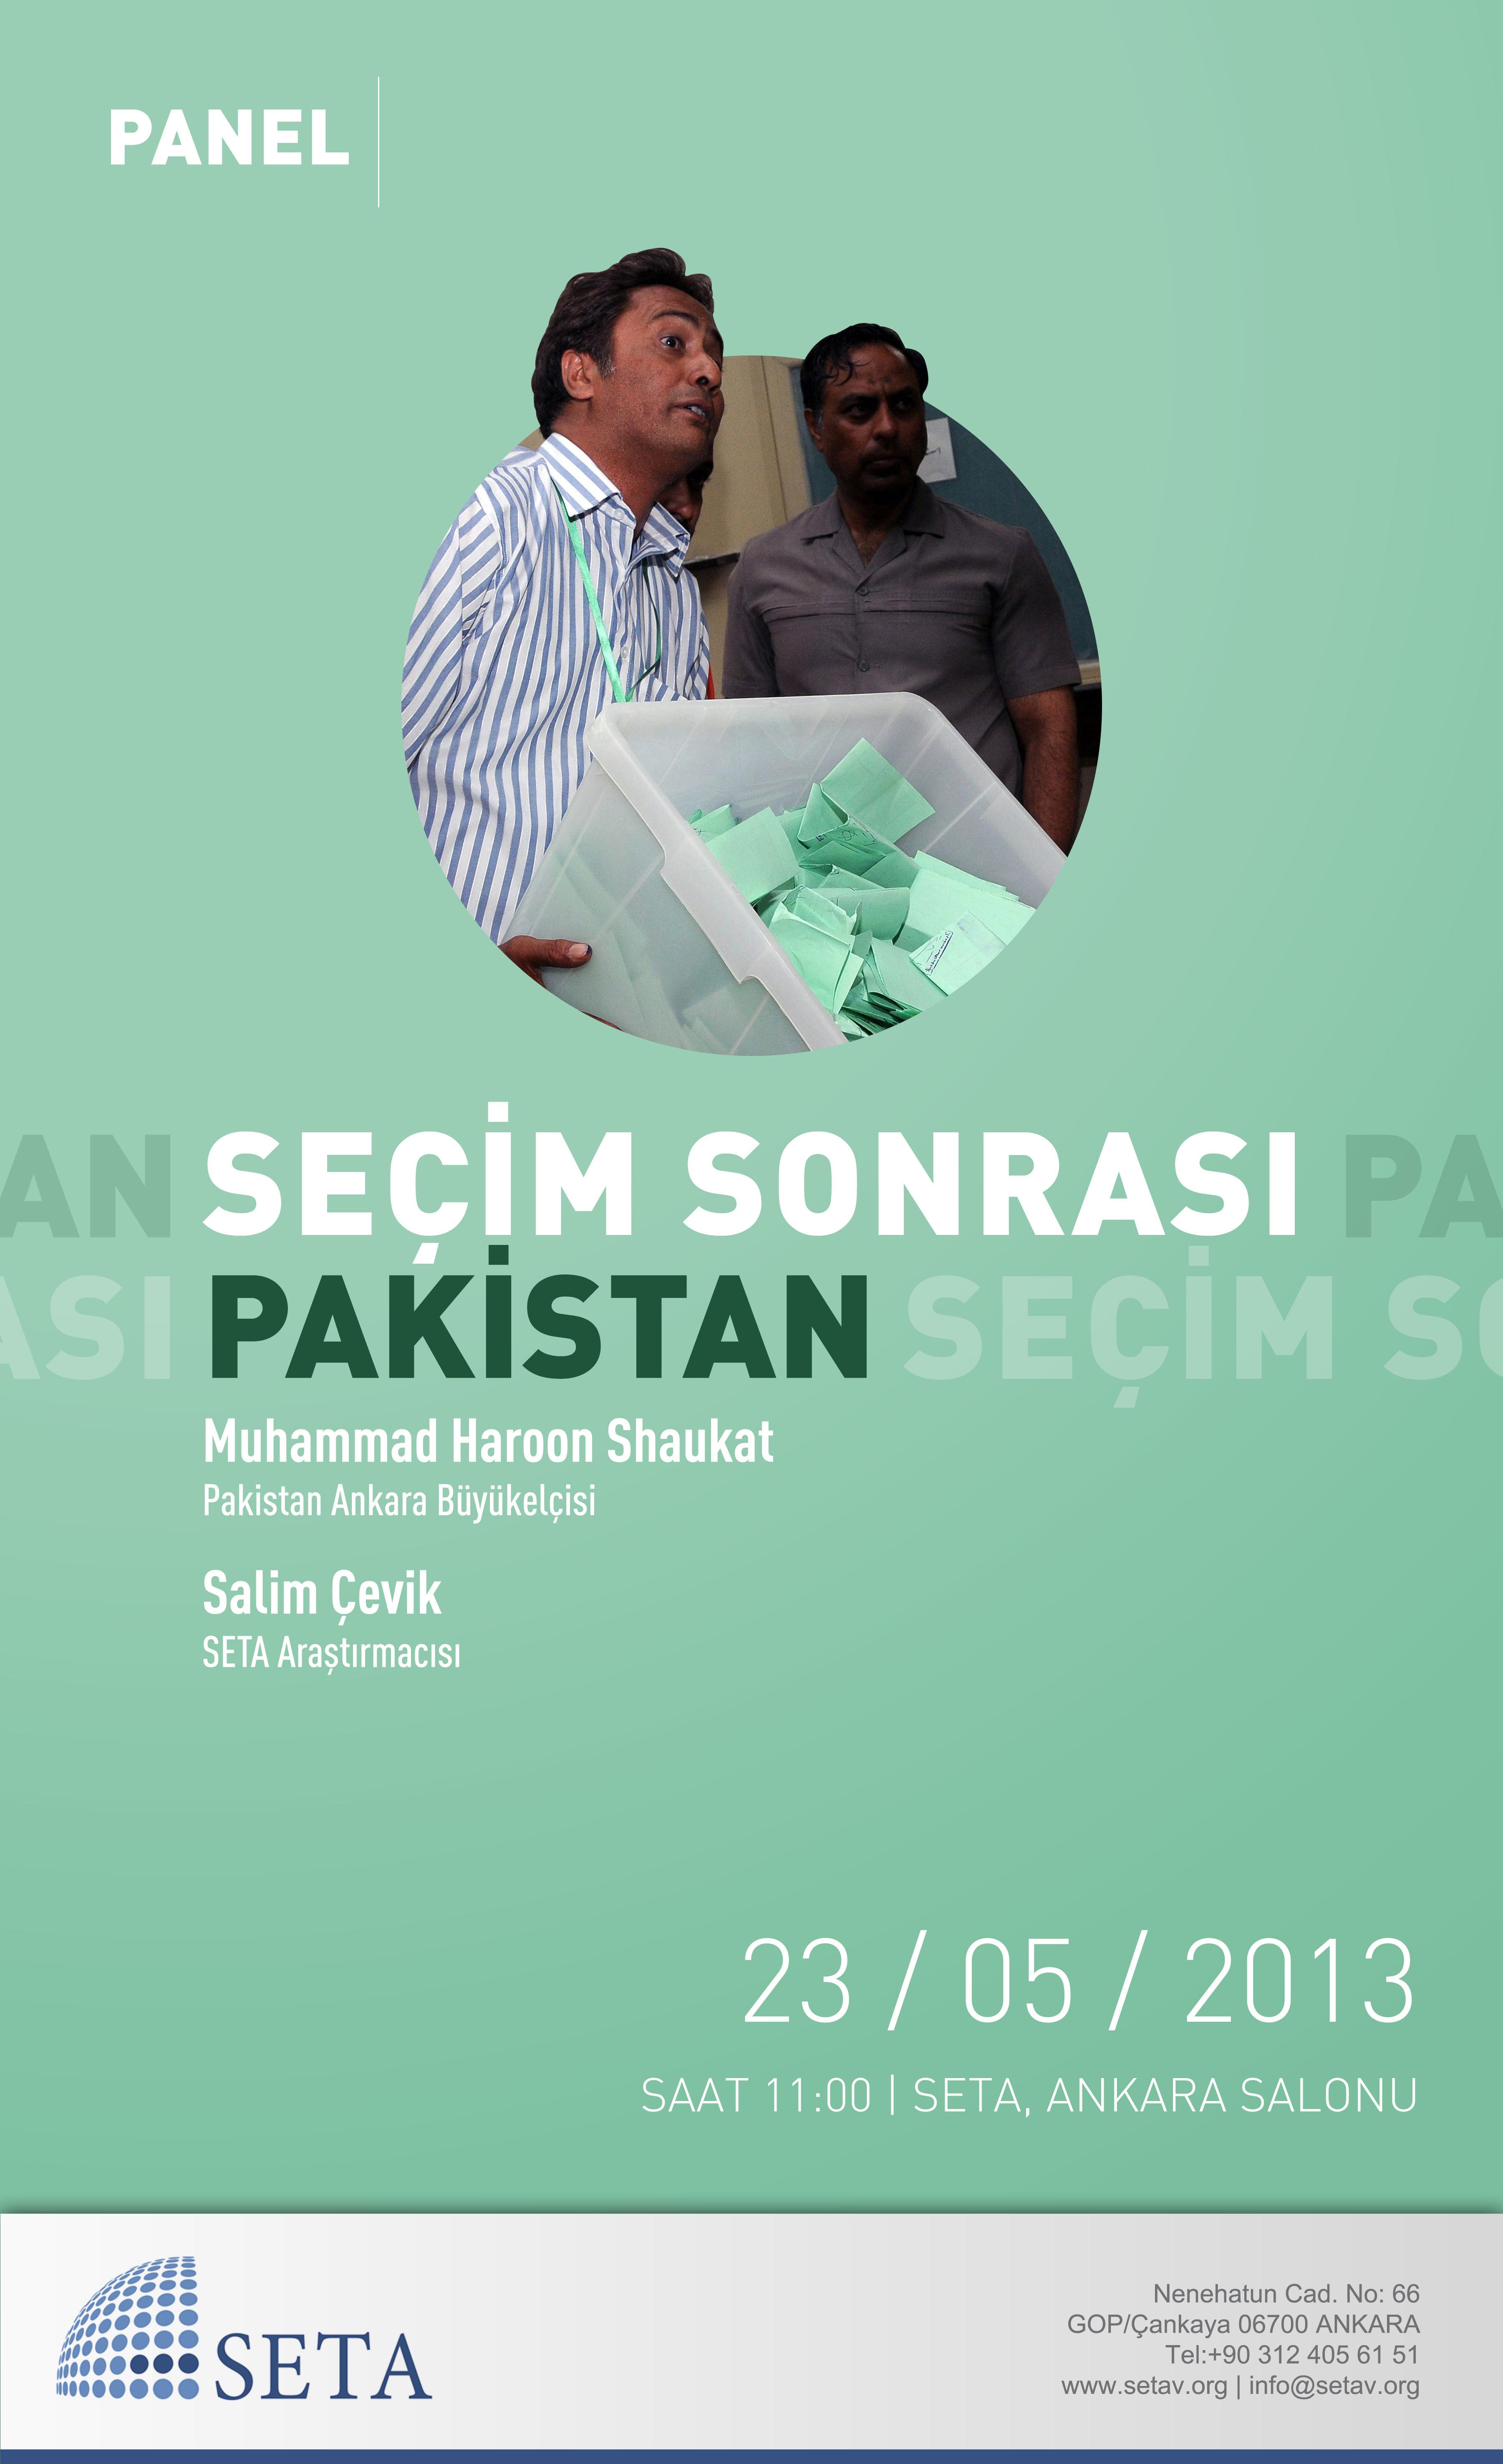 Seçim Sonrası Pakistan